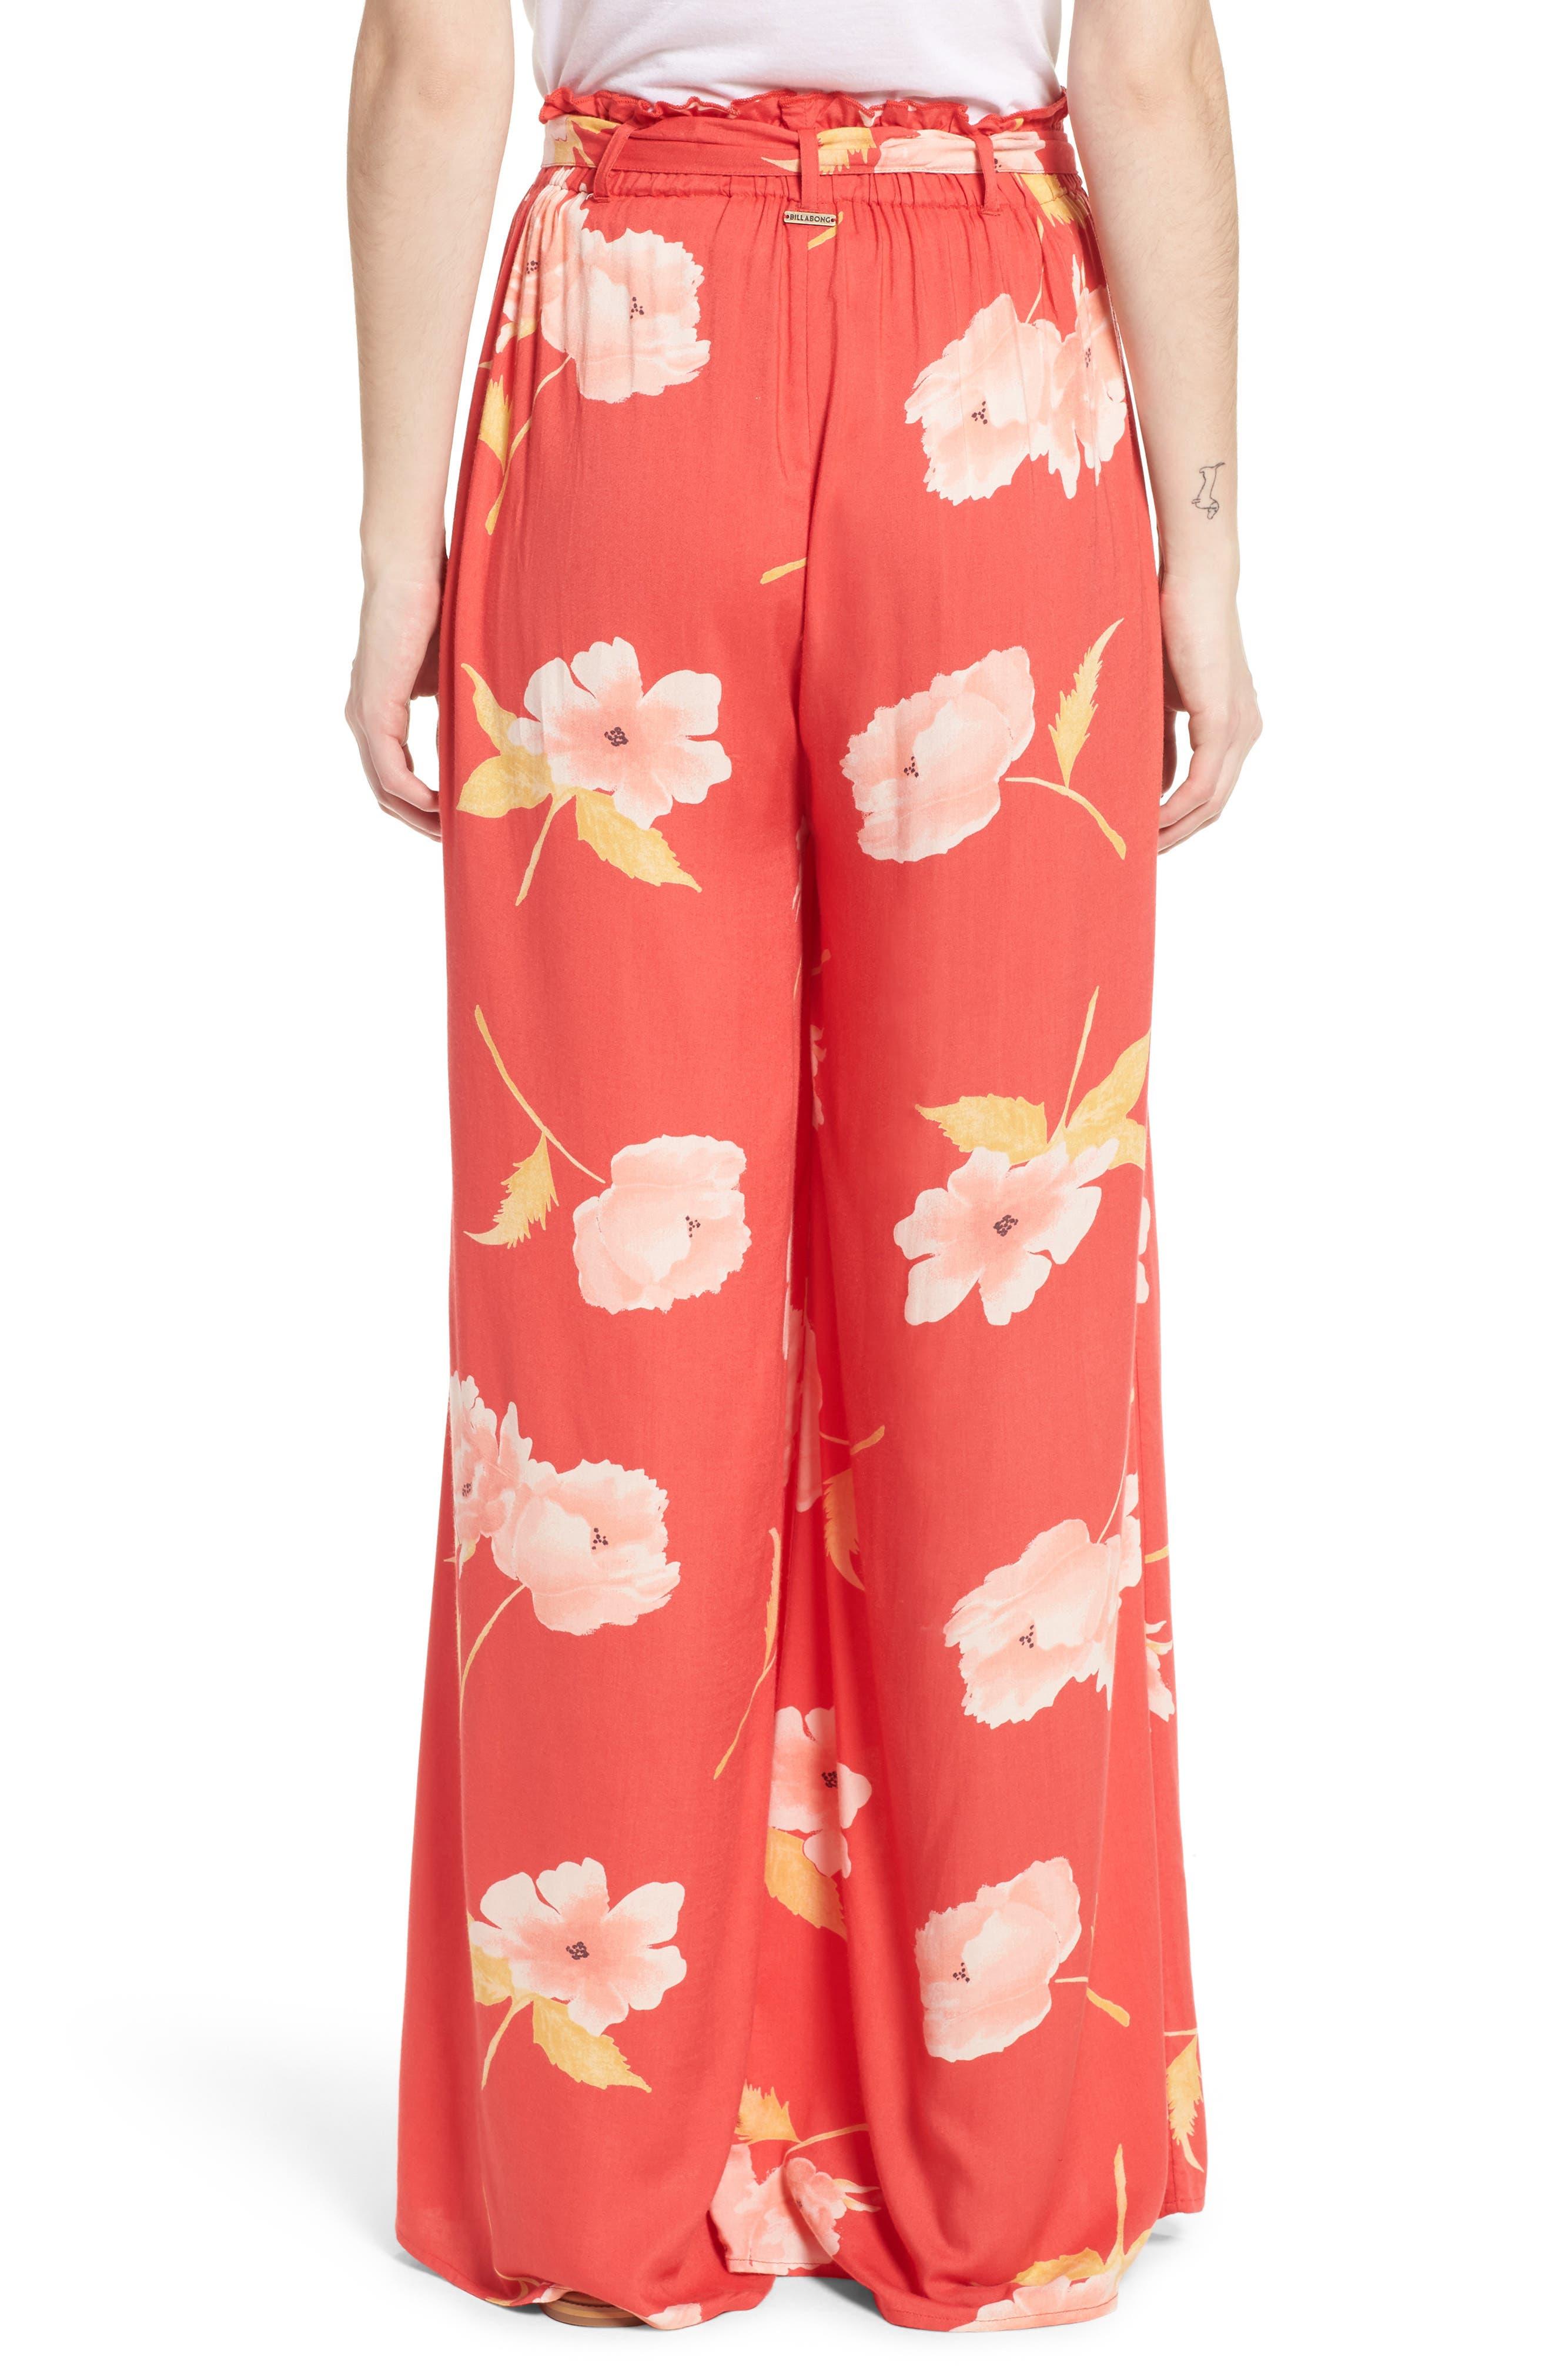 Happy Dance Floral Wide Leg Pants,                             Alternate thumbnail 2, color,                             Ger-Geranium